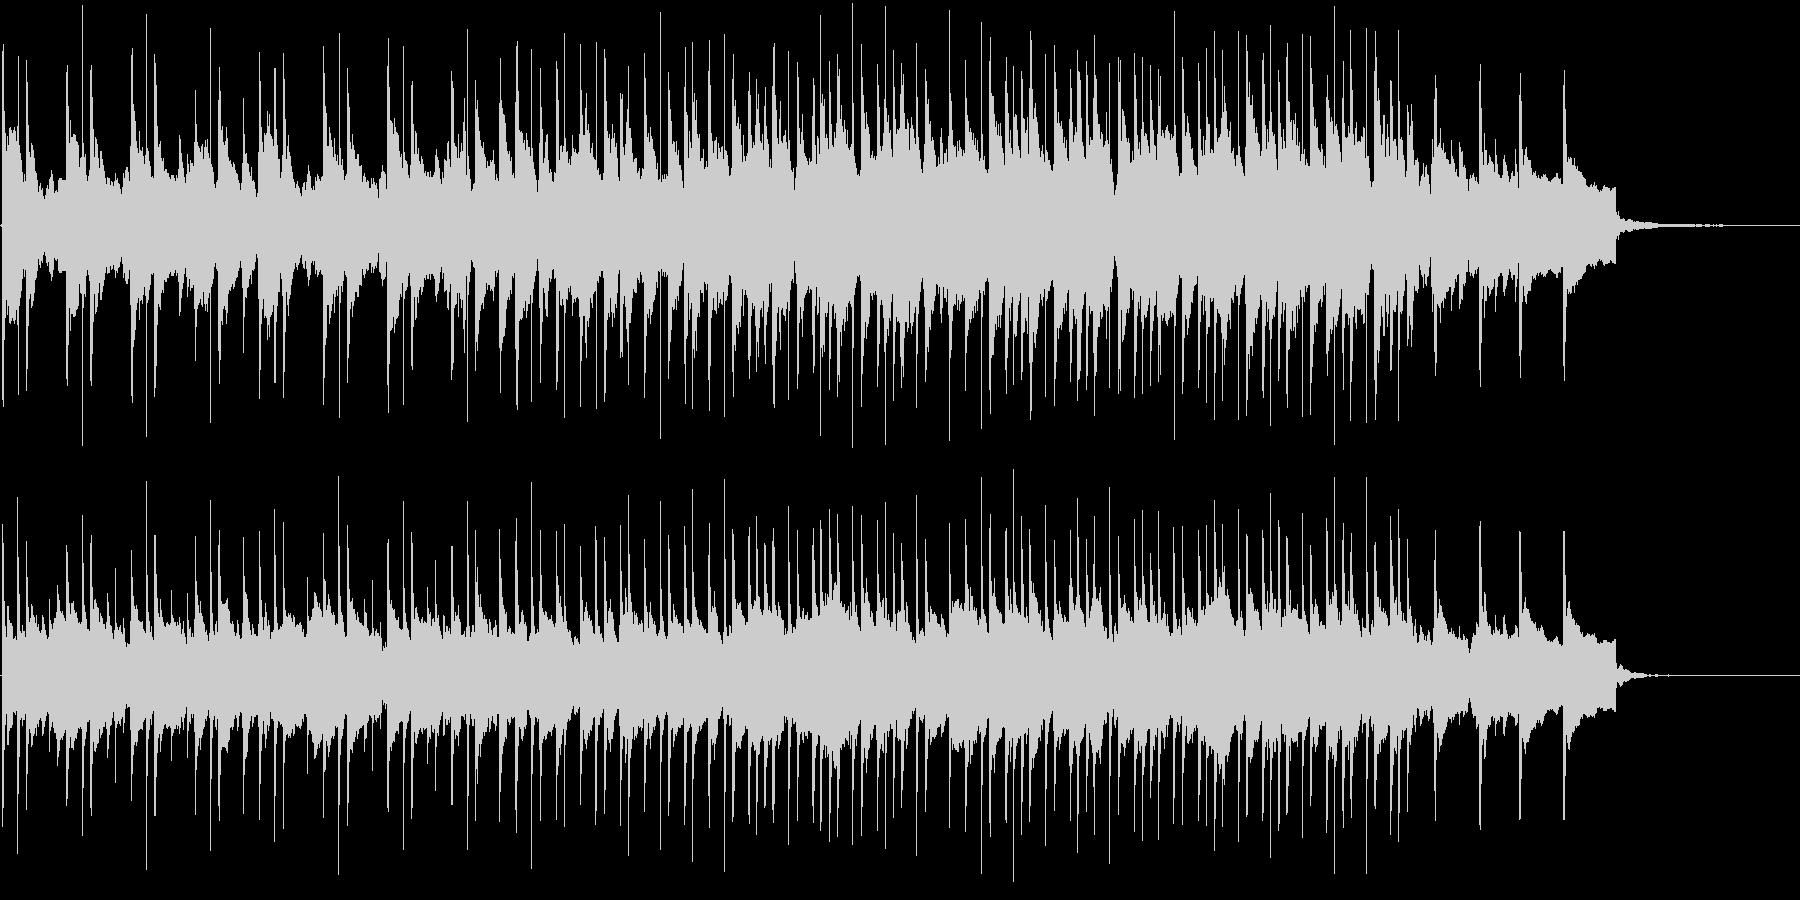 民族音楽っぽいBGM(H)の未再生の波形